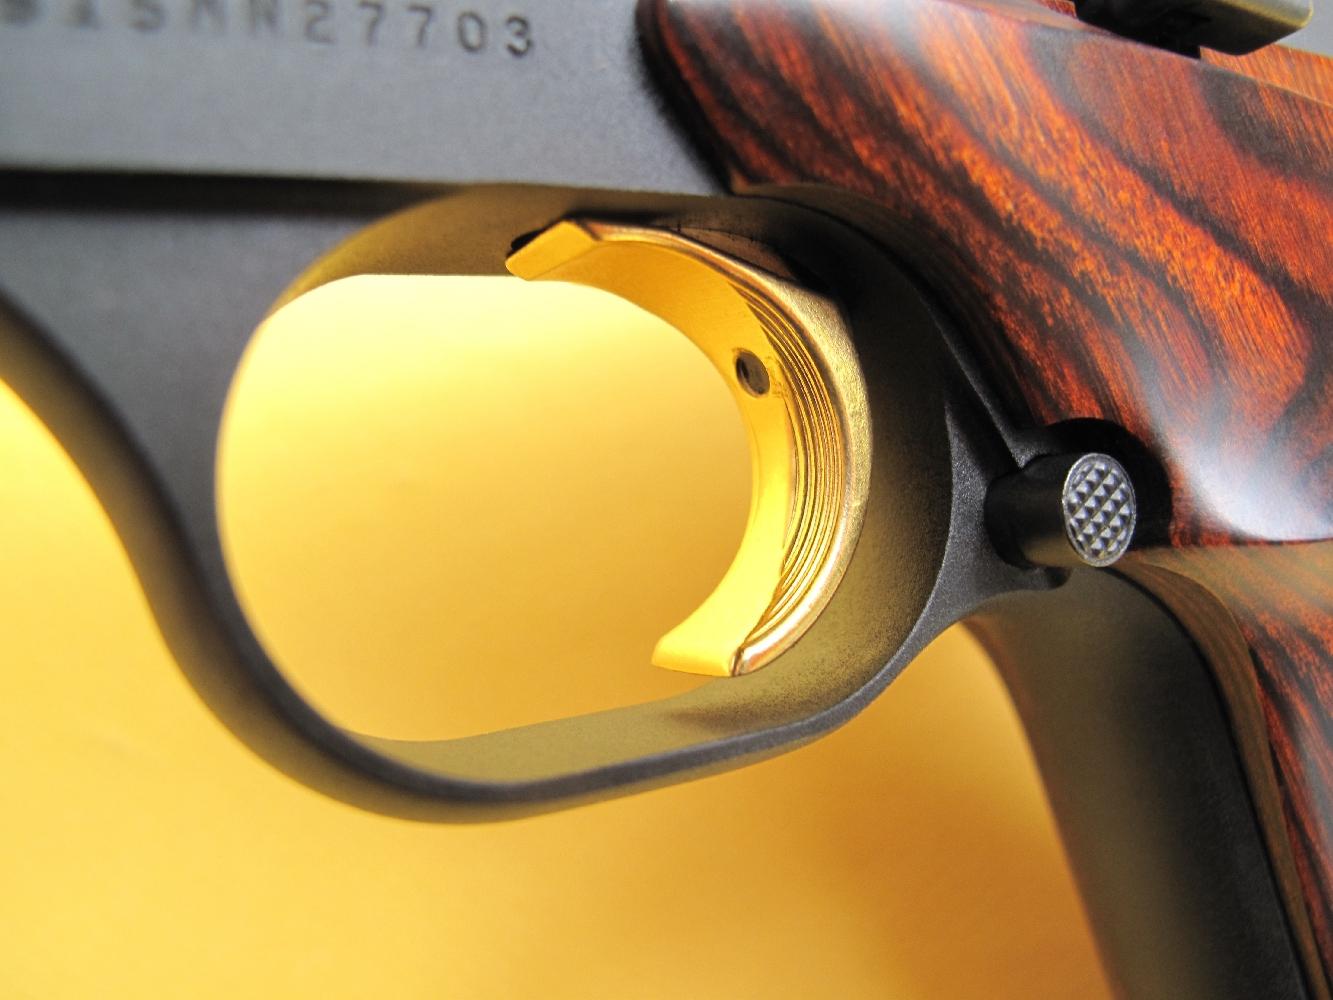 La queue de détente, dont on remarquera au passage la très belle finition dorée, dispose d'une vis de réglage de butée (backlash).